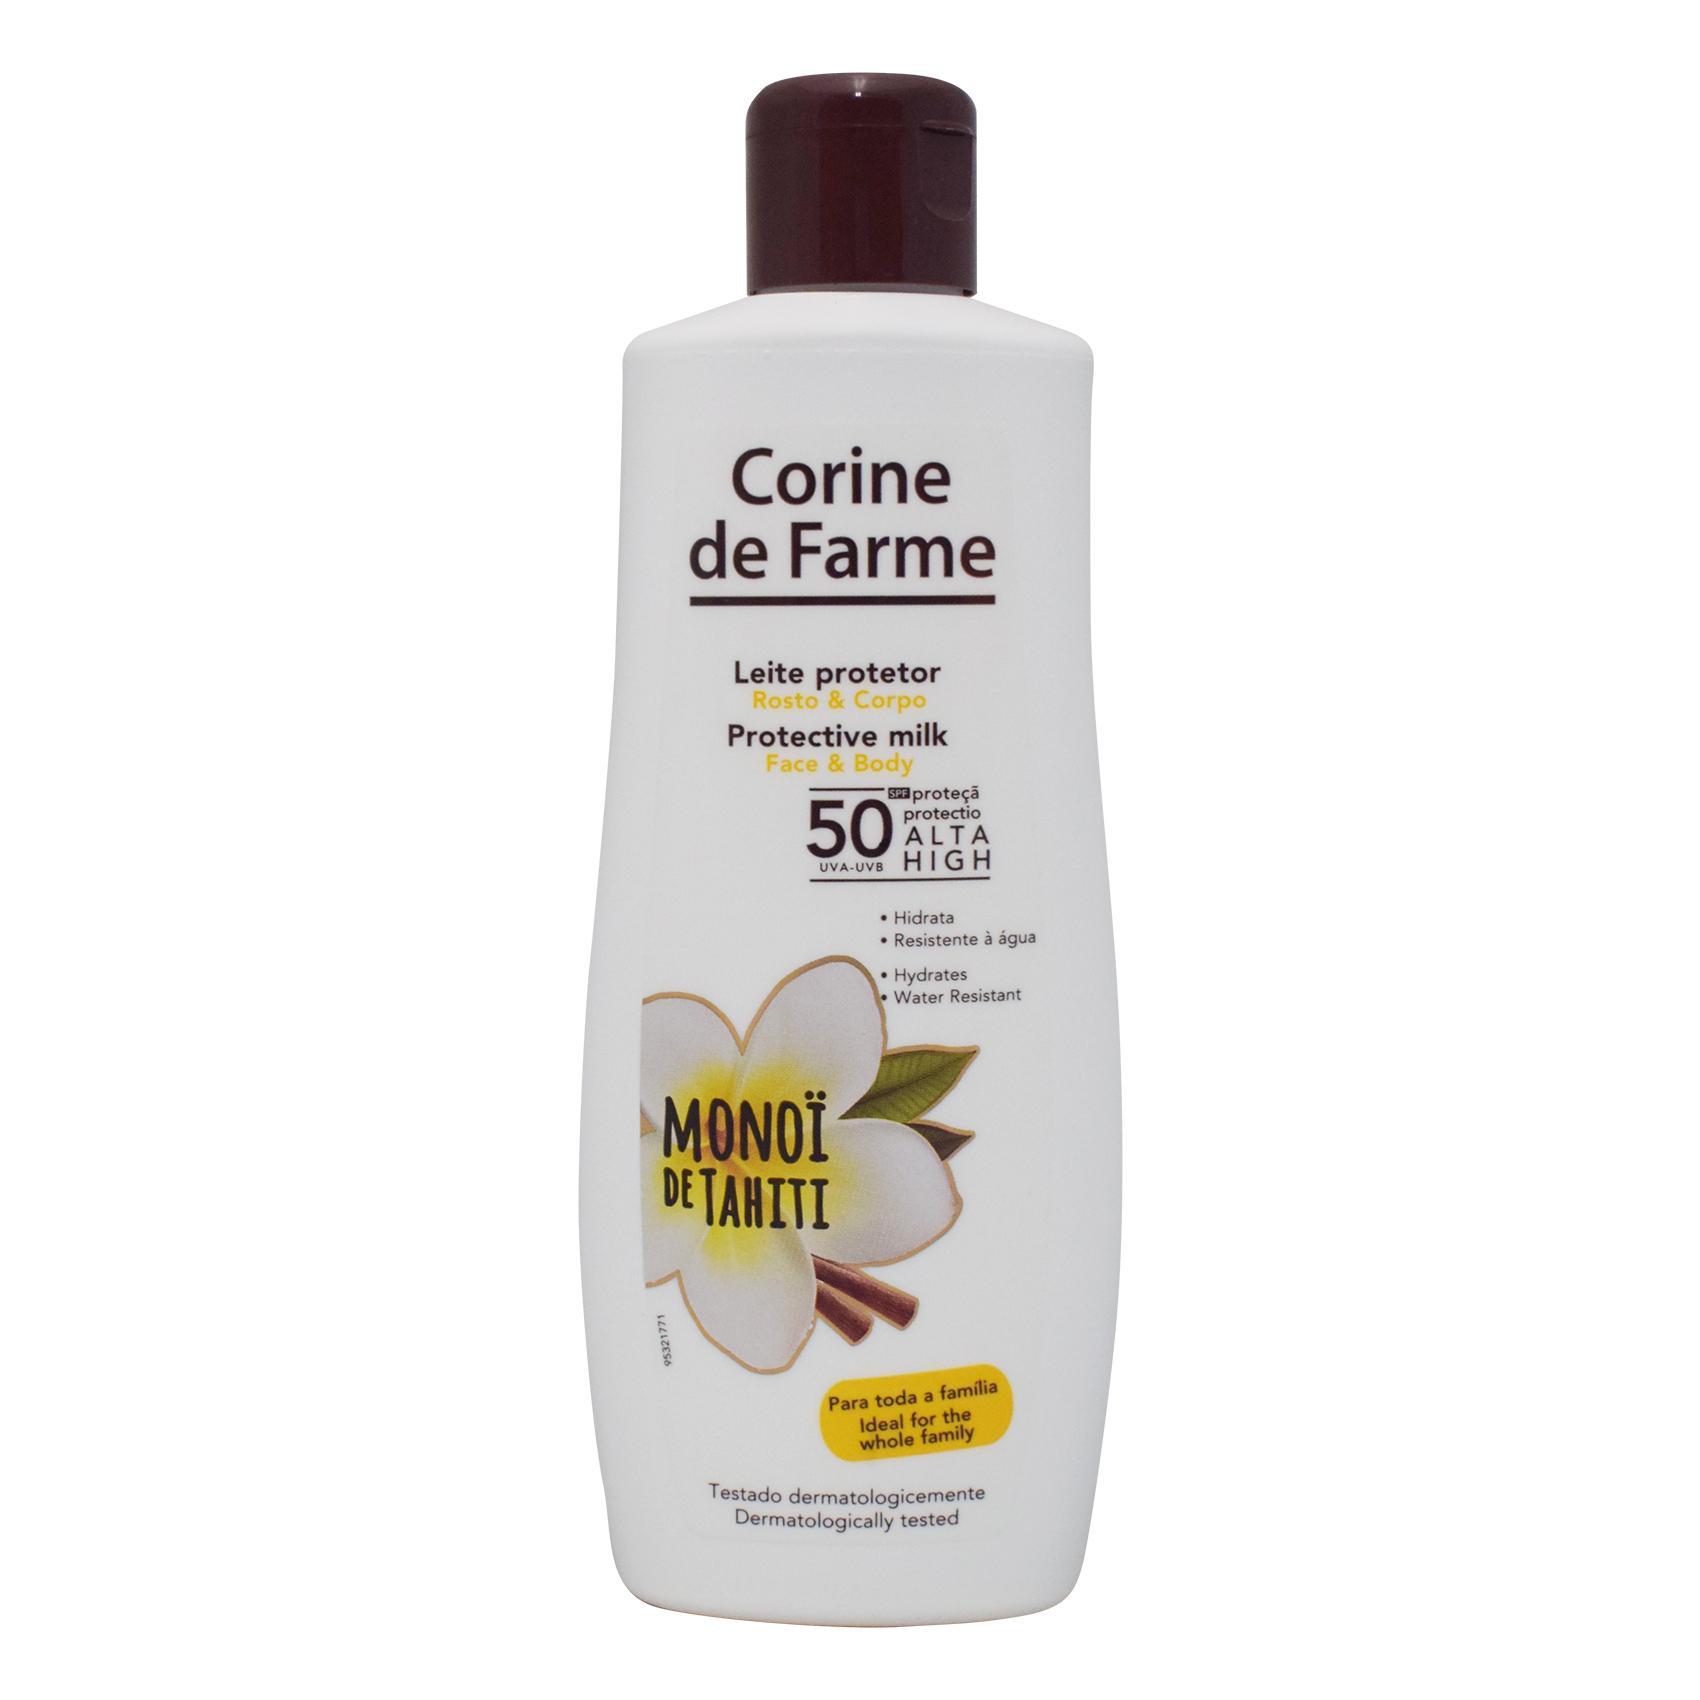 Corine De Farme Protective Milk Face And Body Spf 50 150ml